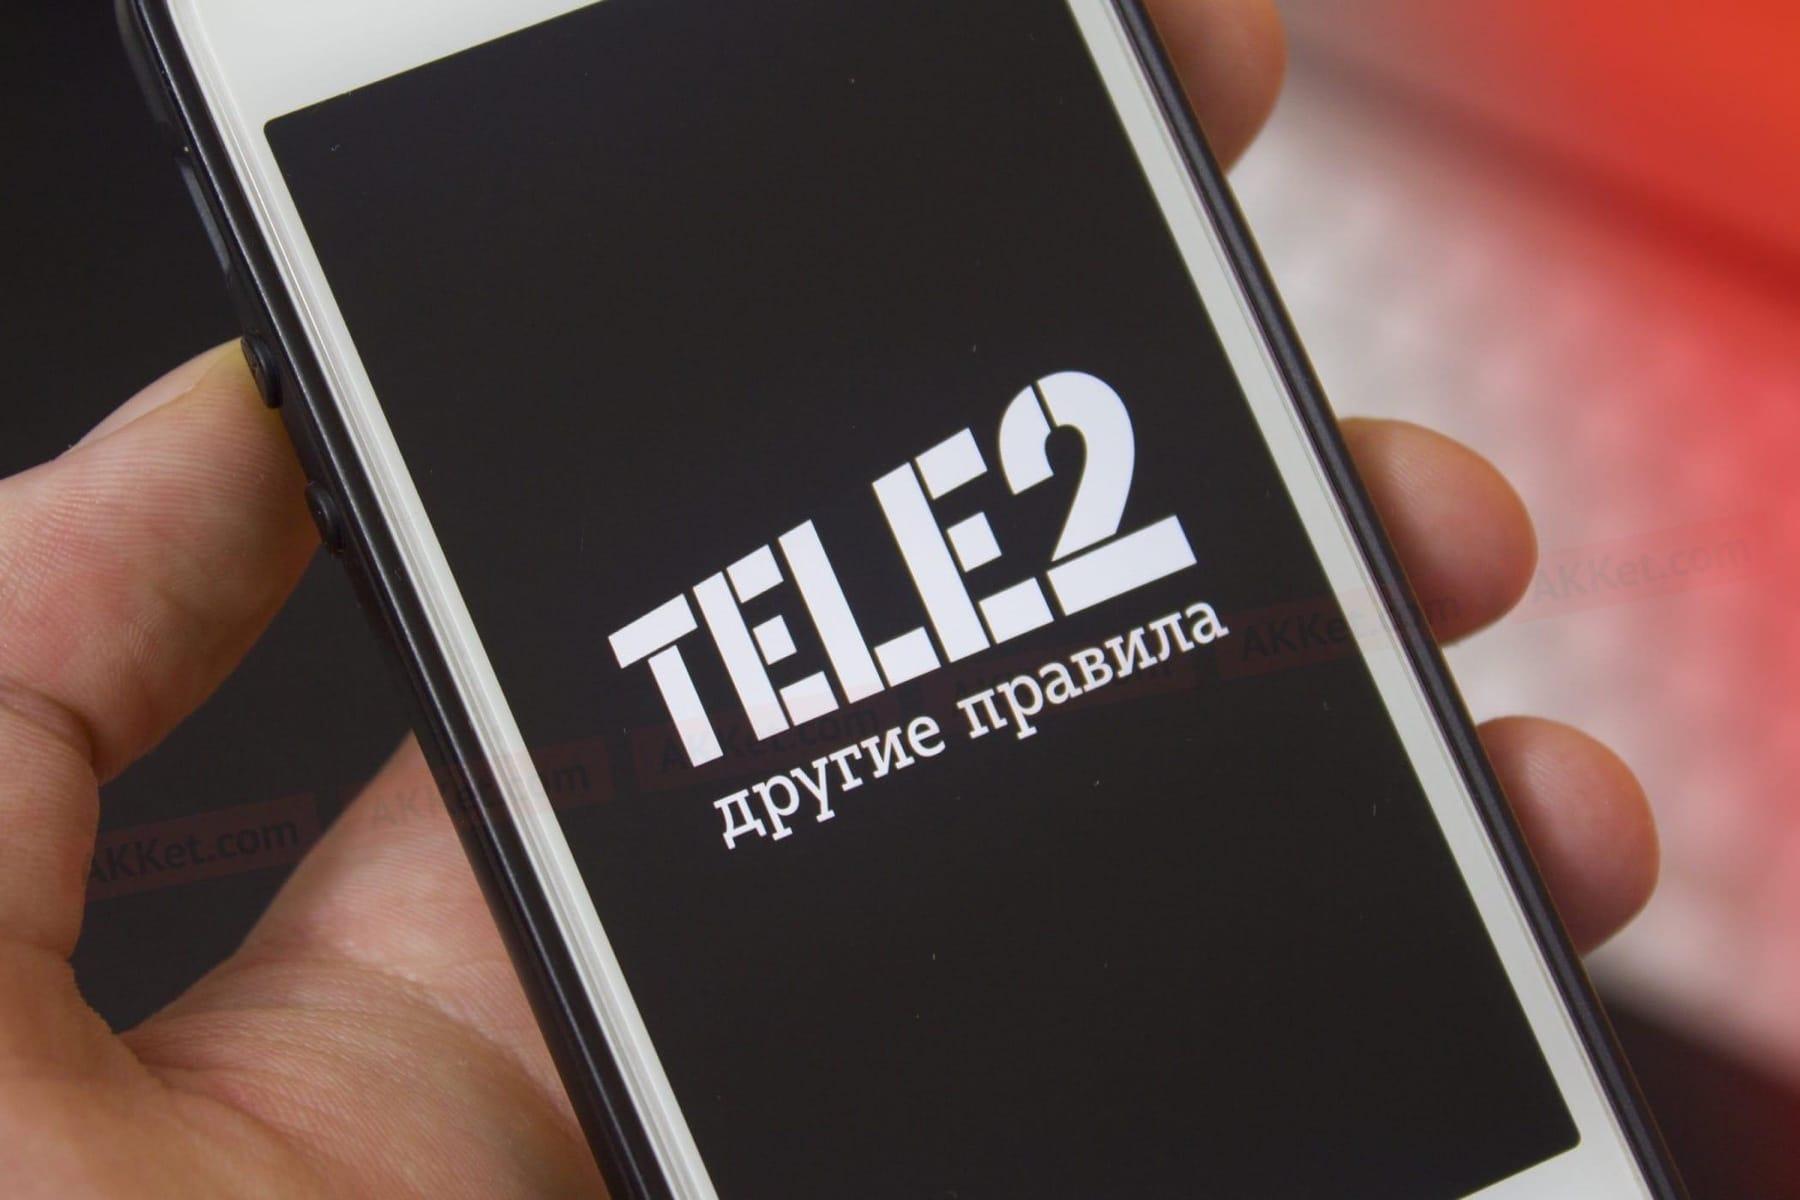 Сотовый оператор Tele2 запустил новый самый лучший тарифный план, о котором мечтали все